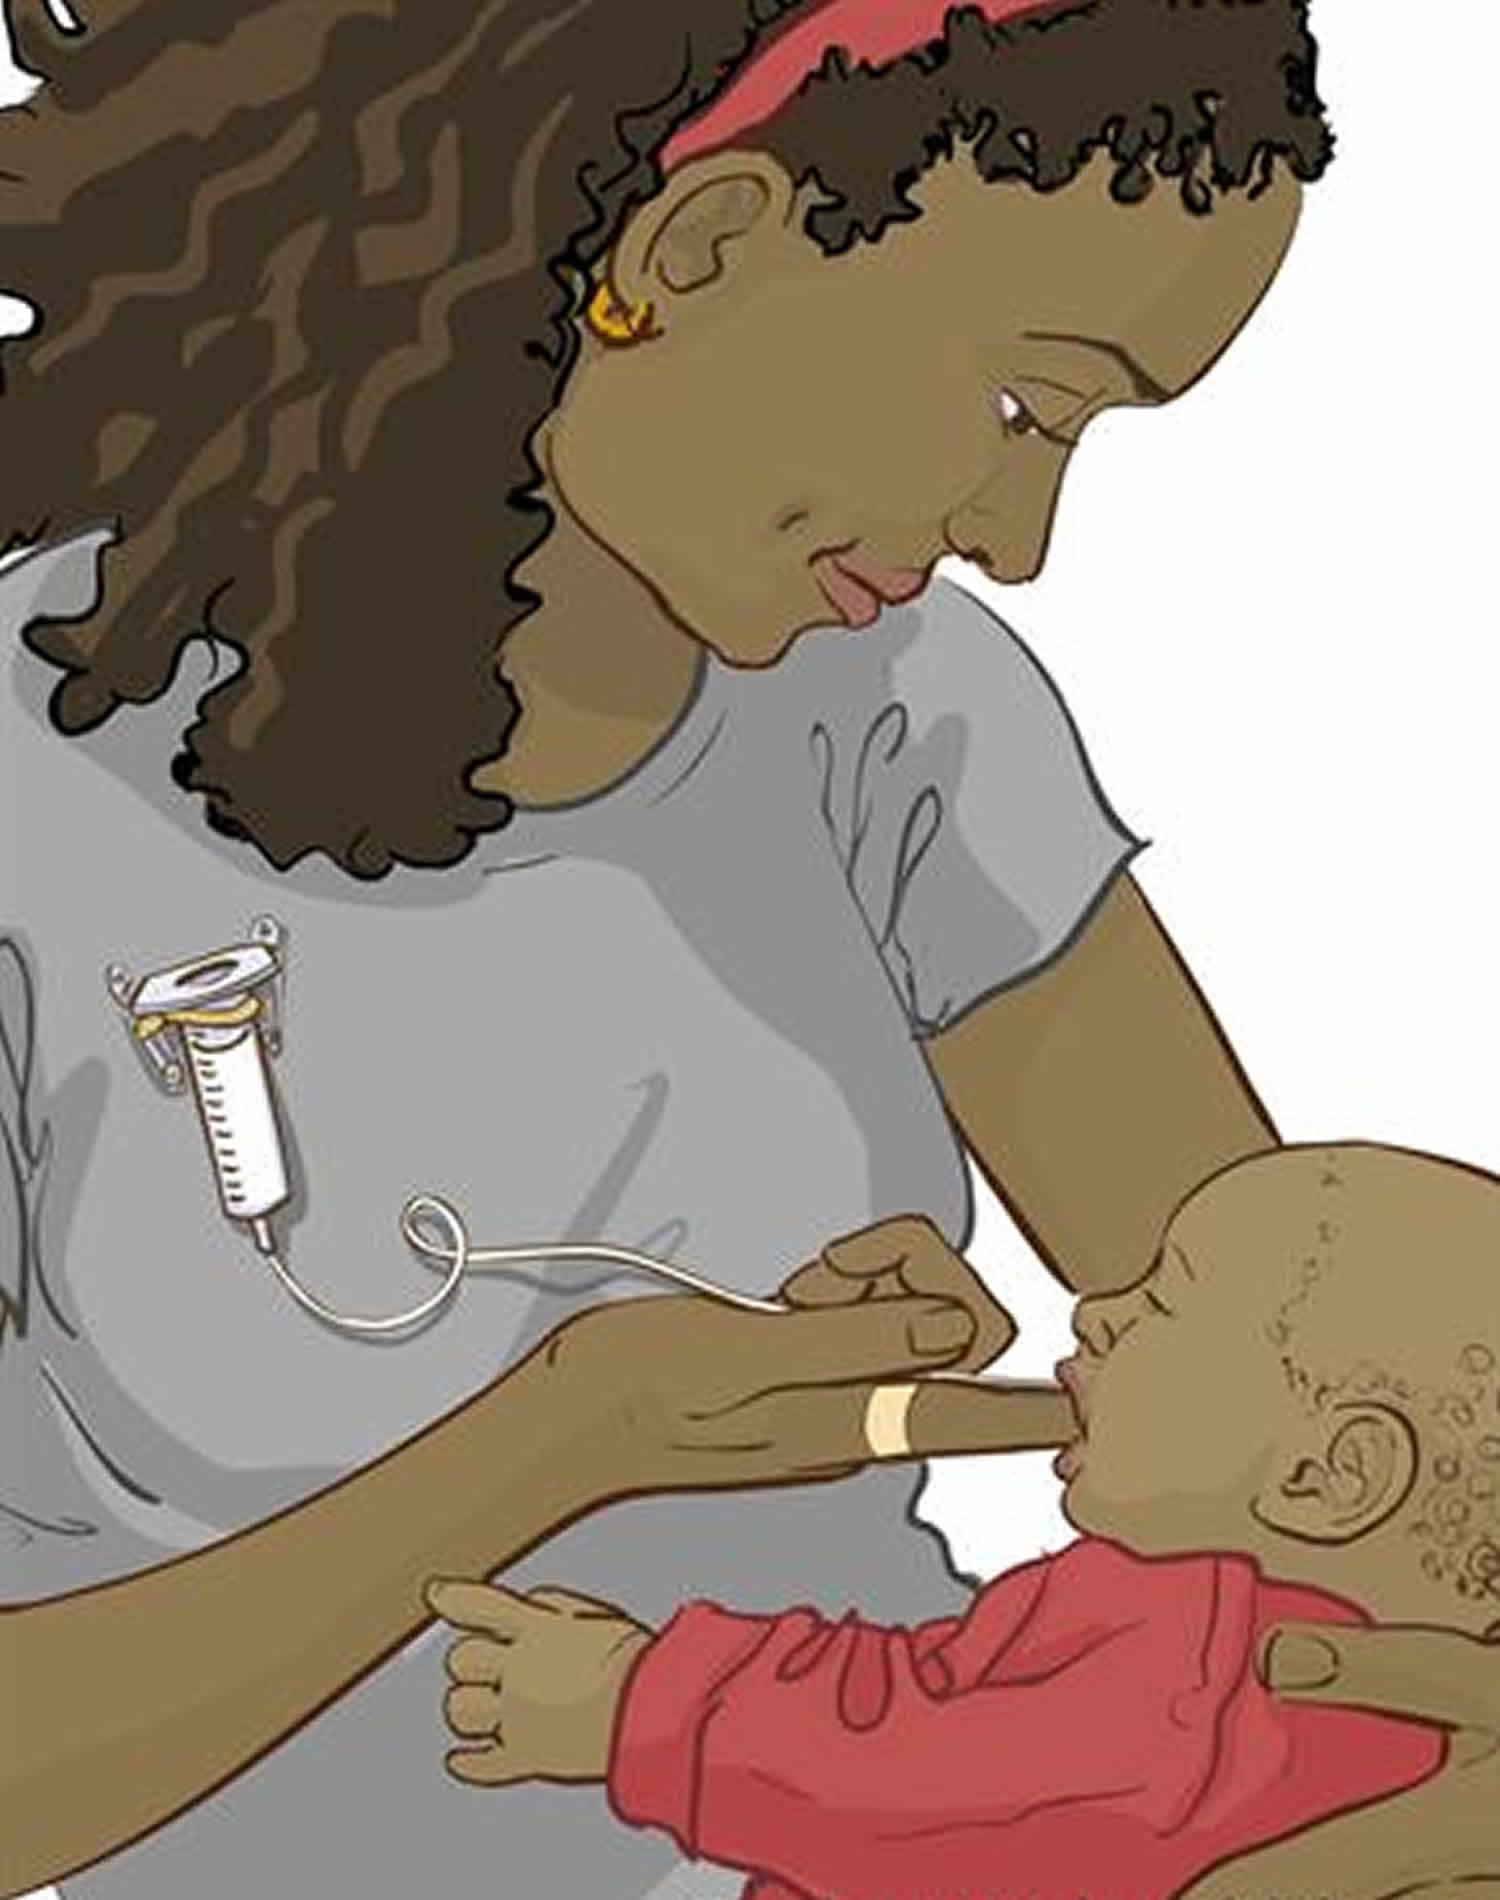 Finger-feeding using a syringe